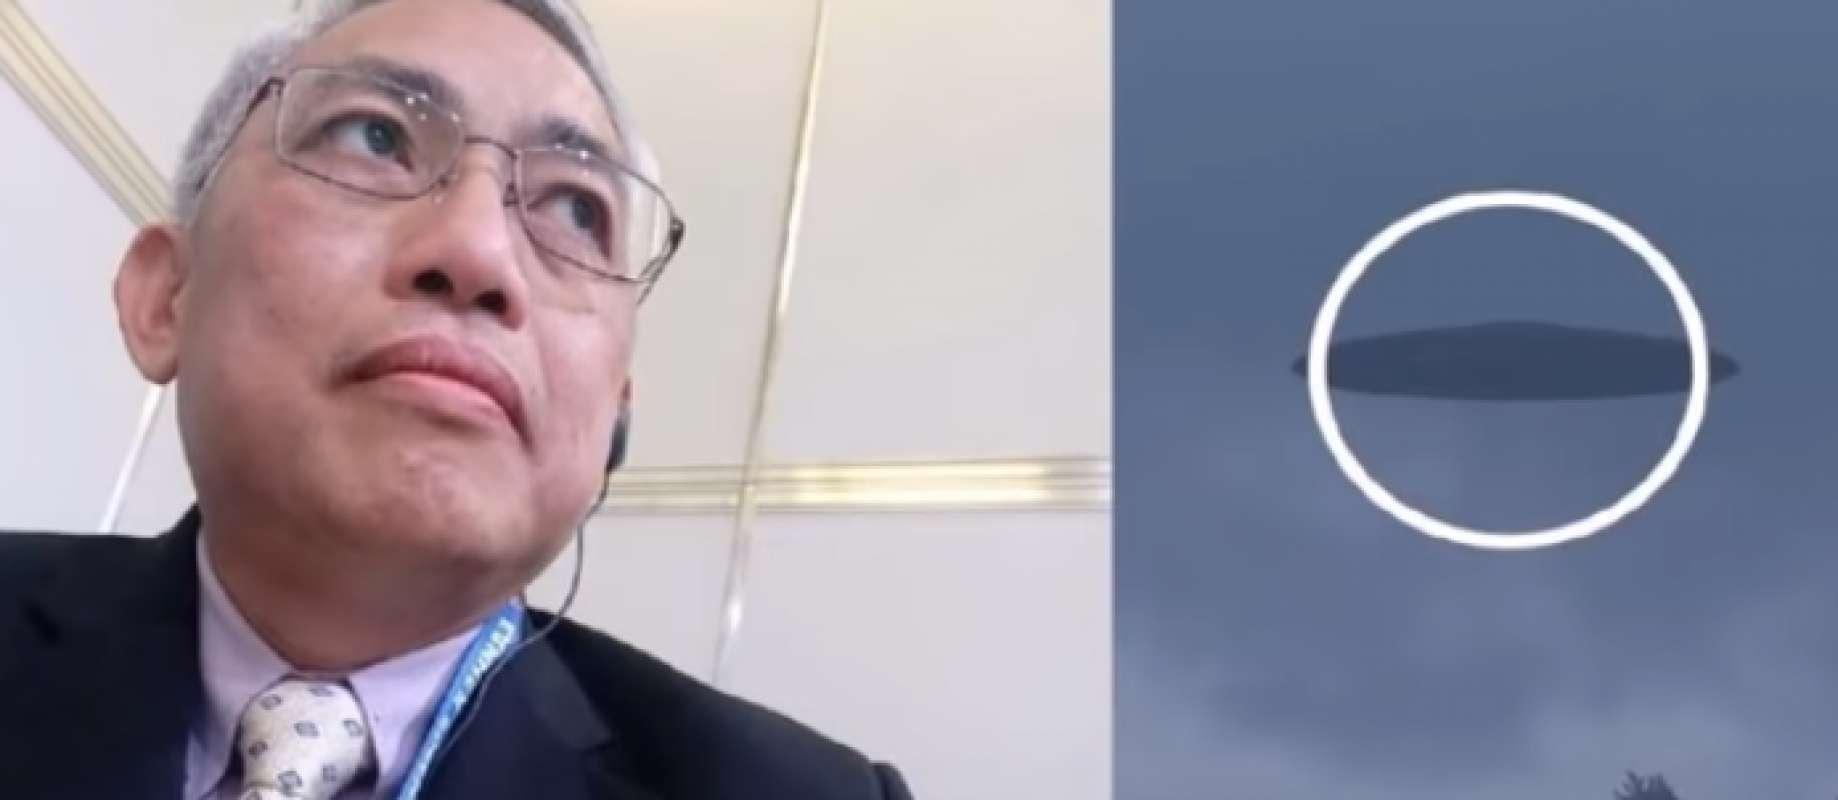 Признания сингапурского политика о встречах с инопланетянами шокировали интернет